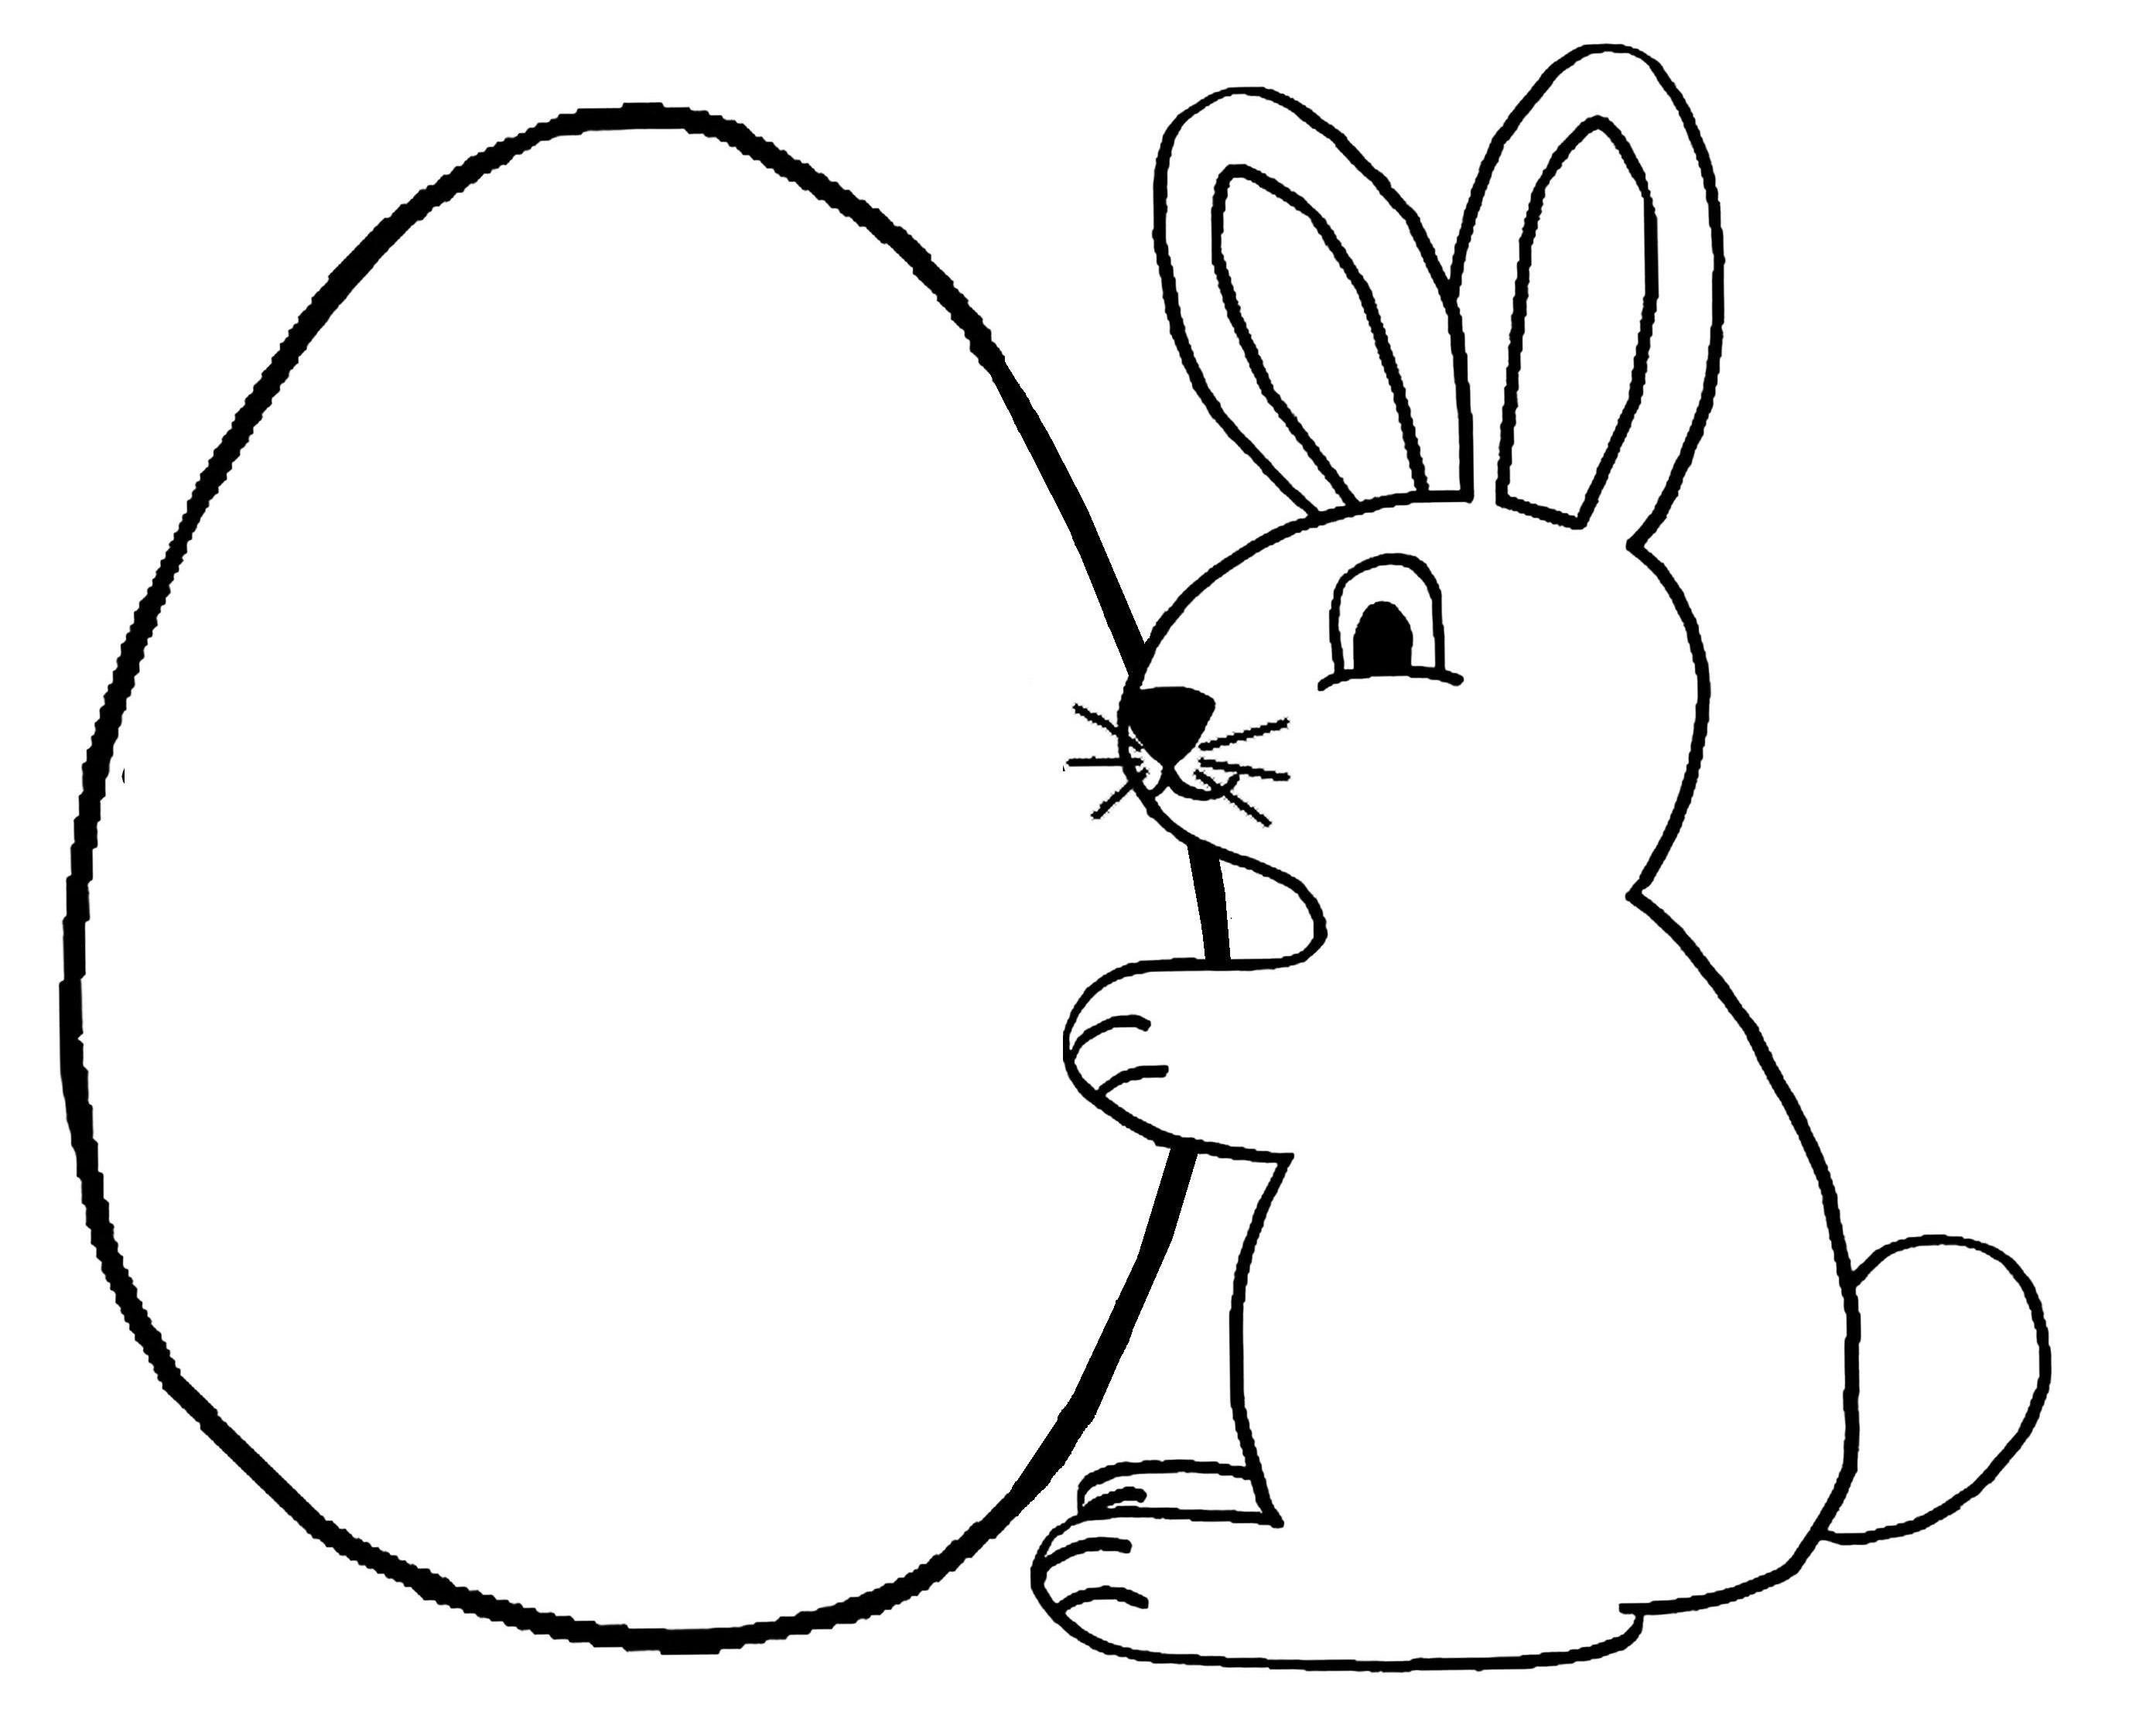 128 Dibujos De Conejos Para Colorear